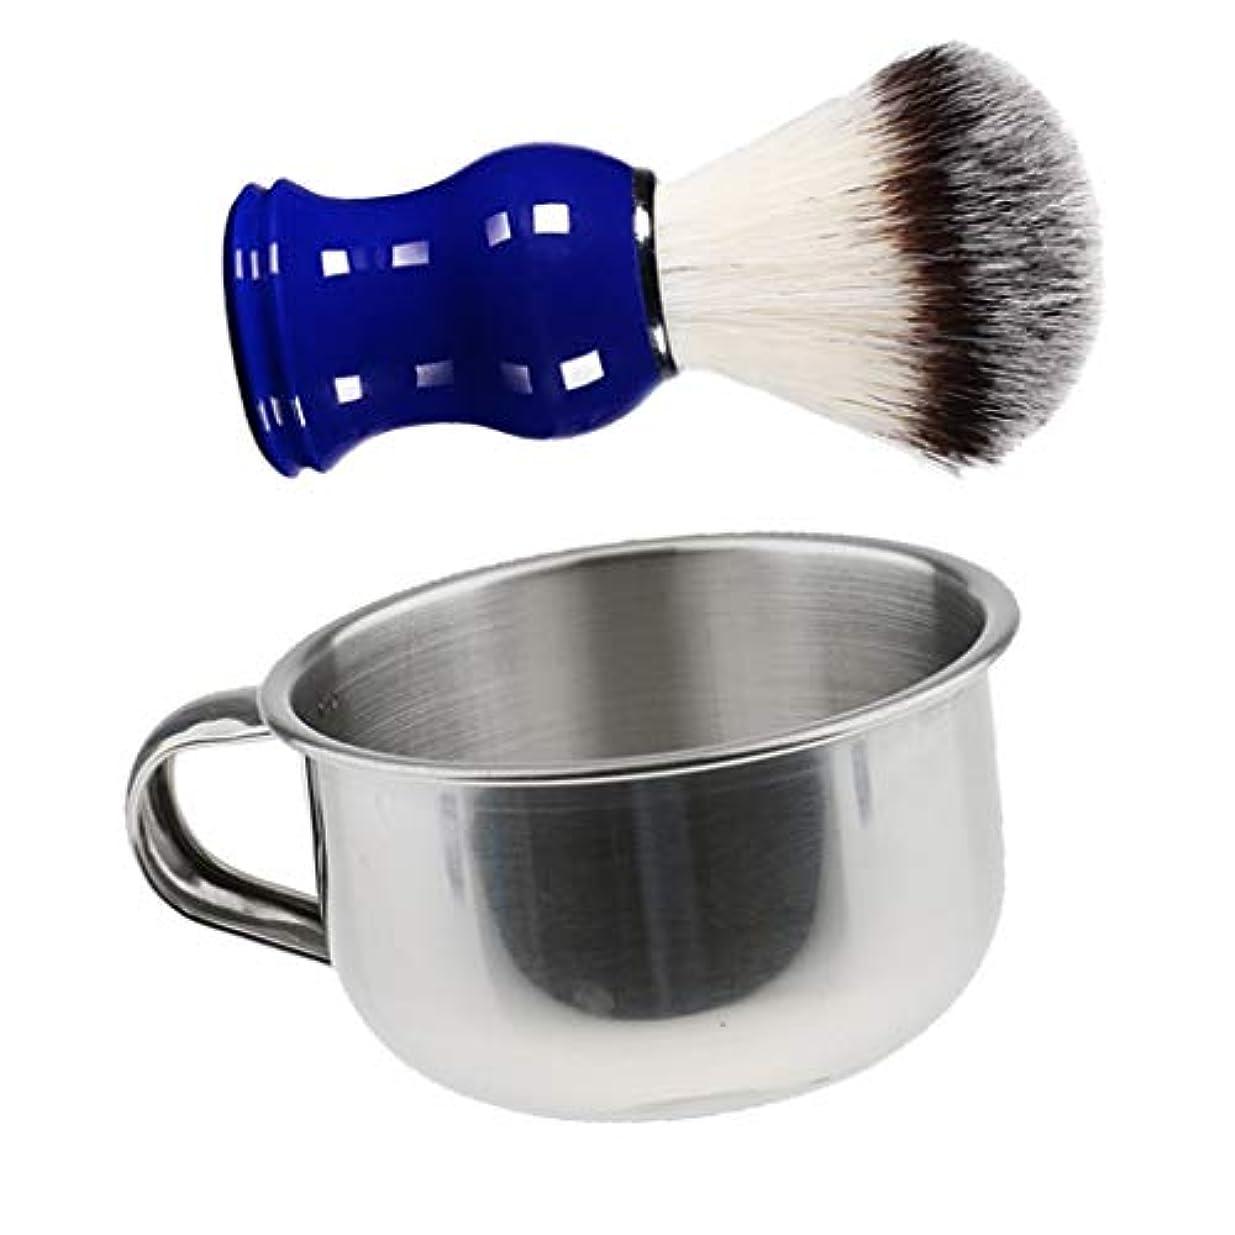 懐予防接種する思春期メンズ シェービング マグ ボウル ステンレス製 シェービング用ブラシ 理容 洗顔 髭剃り 贈り物